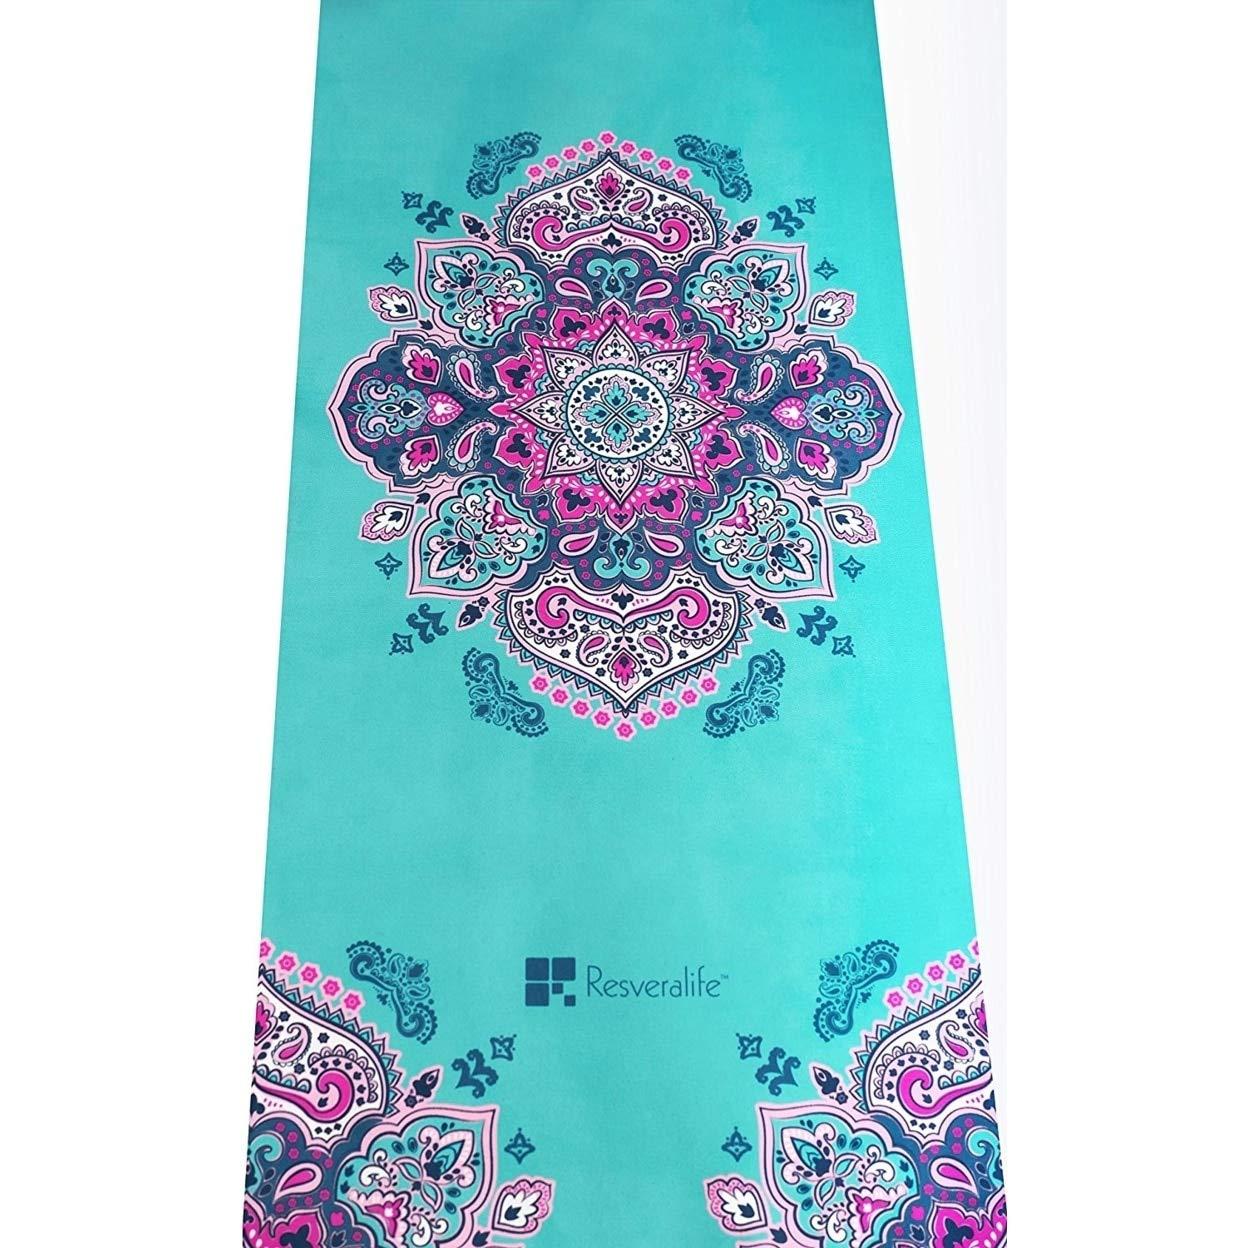 YOOMAT Resveralife Mandala Yoga-Matte, luxuriöse Rutschfeste Übungsmatten, die Sie in einen heiligen Raum bringen, egal wo Sie sind